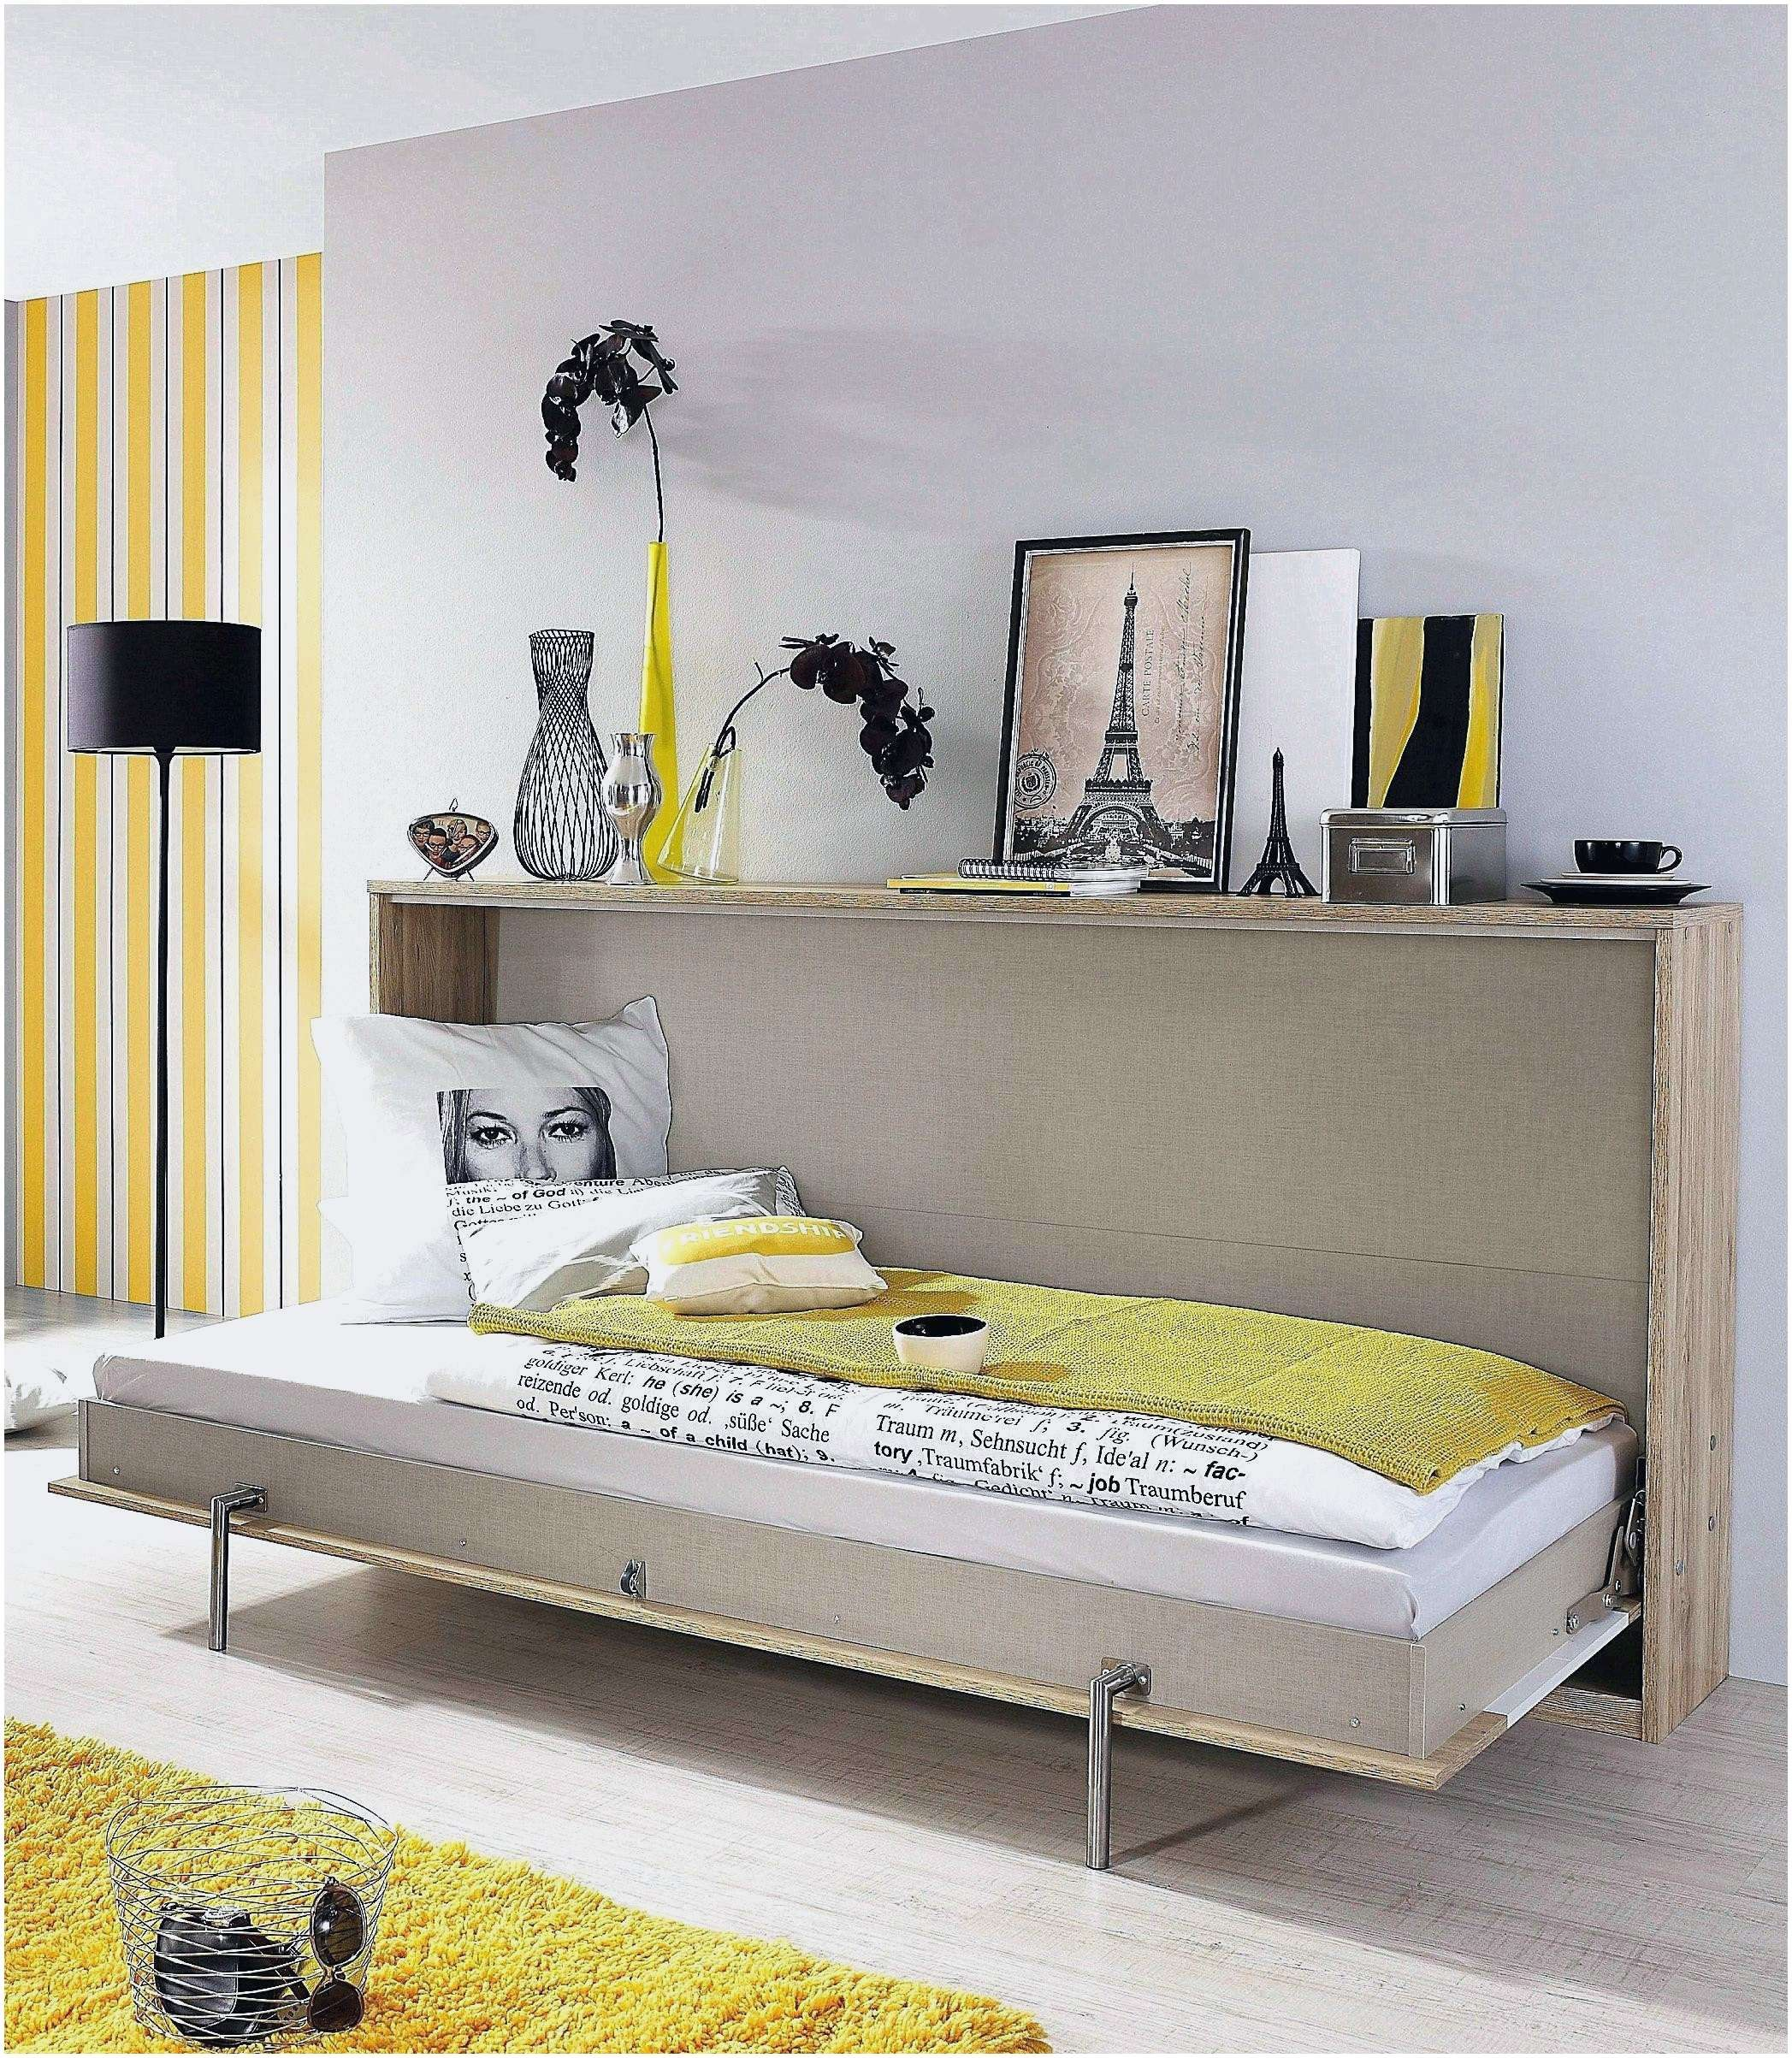 Lit Flaxa Ikea Agréable Luxe Hochbett Mit Stauraum — Yct Projekte Pour Option Lit Flaxa Ikea